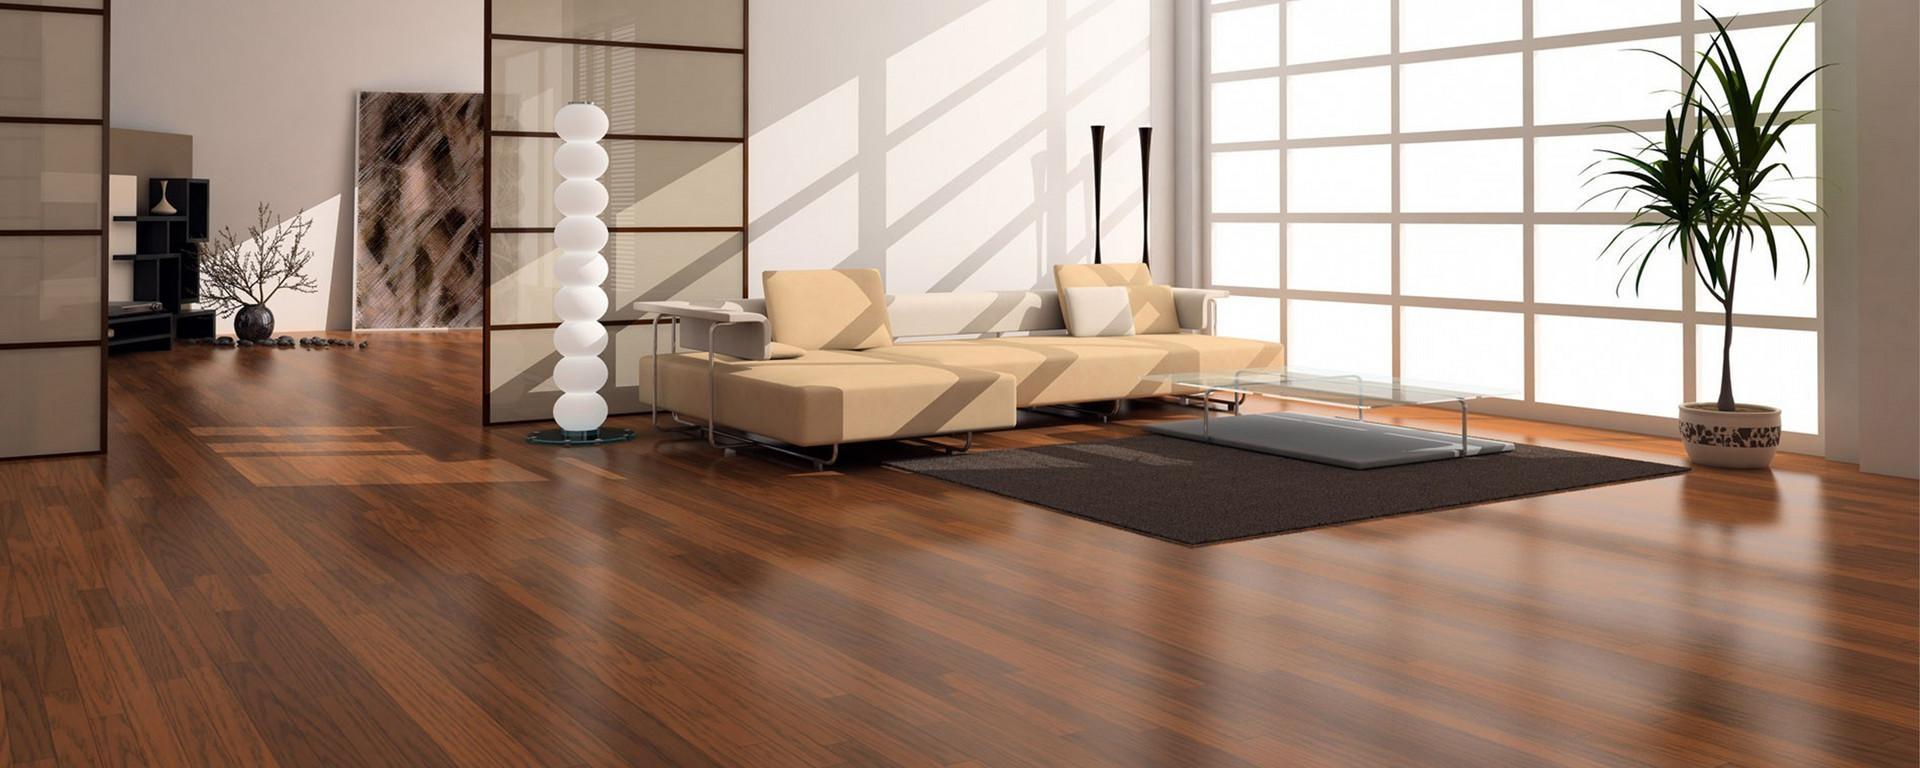 必美地板好不好?  必美地板价格贵不贵?